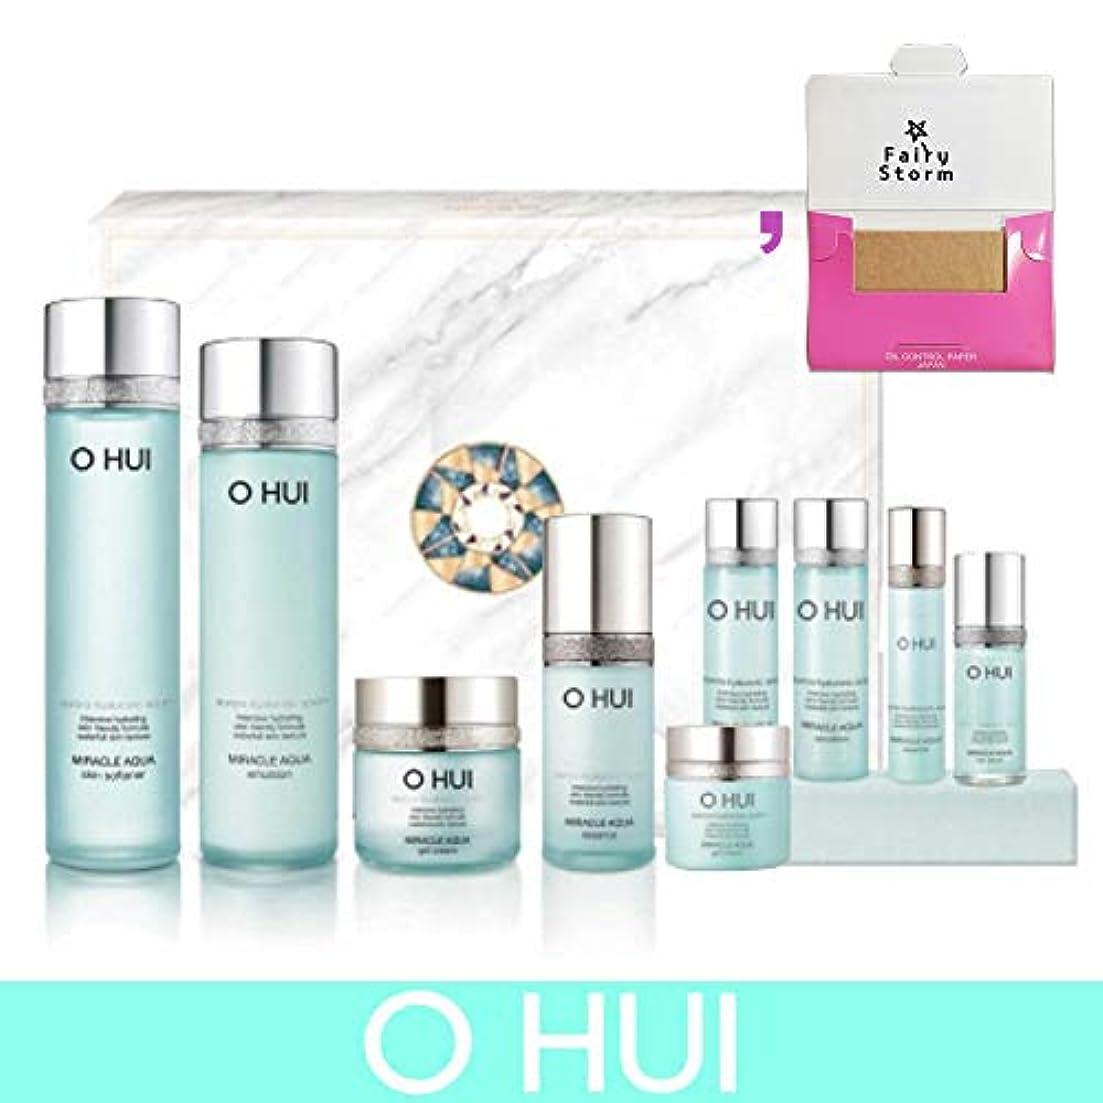 プレミアム精緻化困惑した[オフィ/O HUI]韓国化粧品 LG生活健康/O HUI MIRACLE AQUA SPECIAL 4EA SET/ミラクル アクア 4種セット + [Sample Gift](海外直送品)